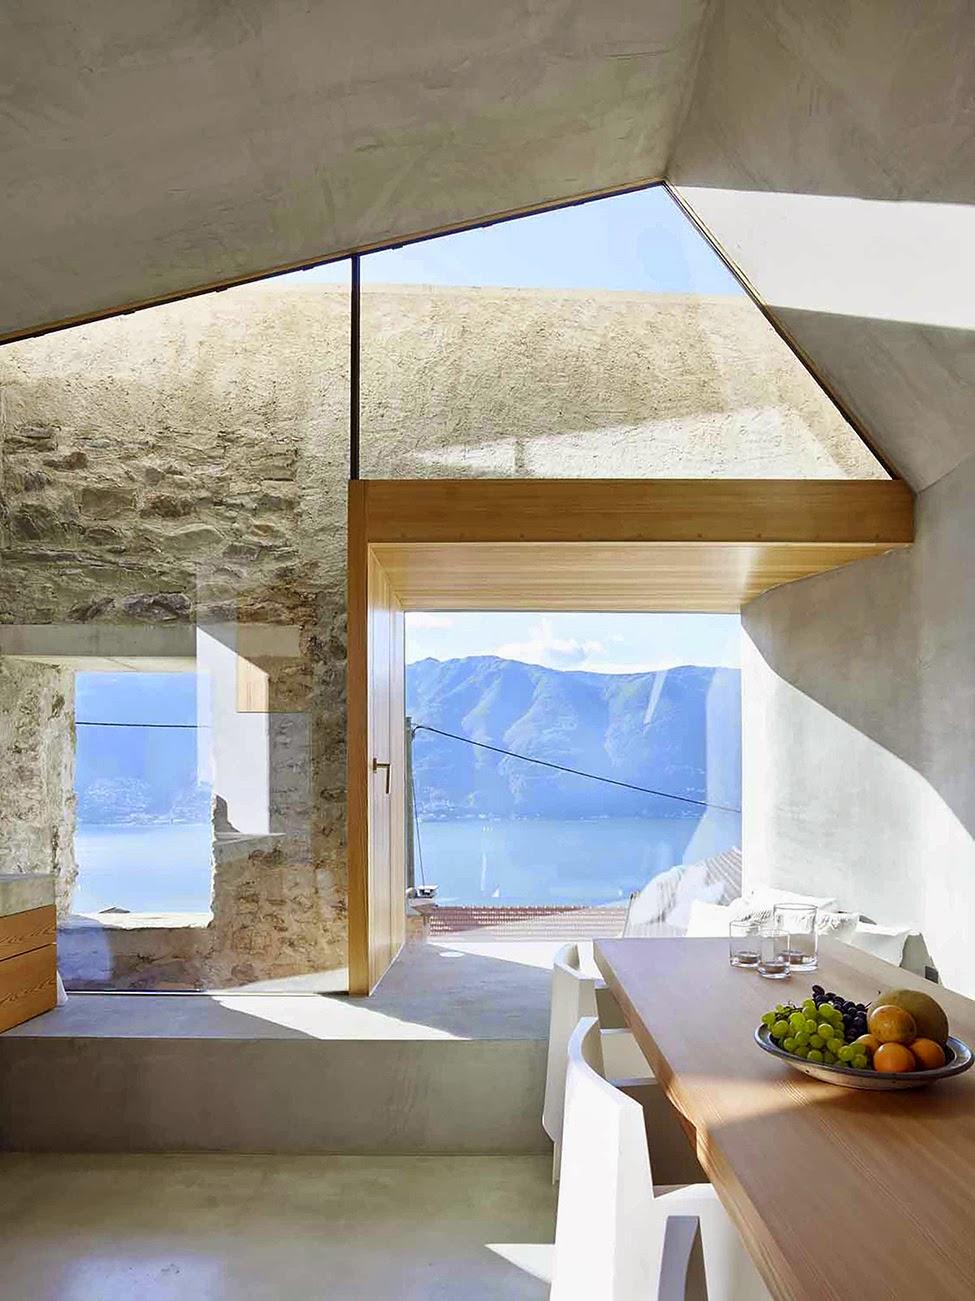 Große Fenster als Stilmittel einer Sanierung im denkmalgeschützten Steinhaus - minimalistisches Wohnen